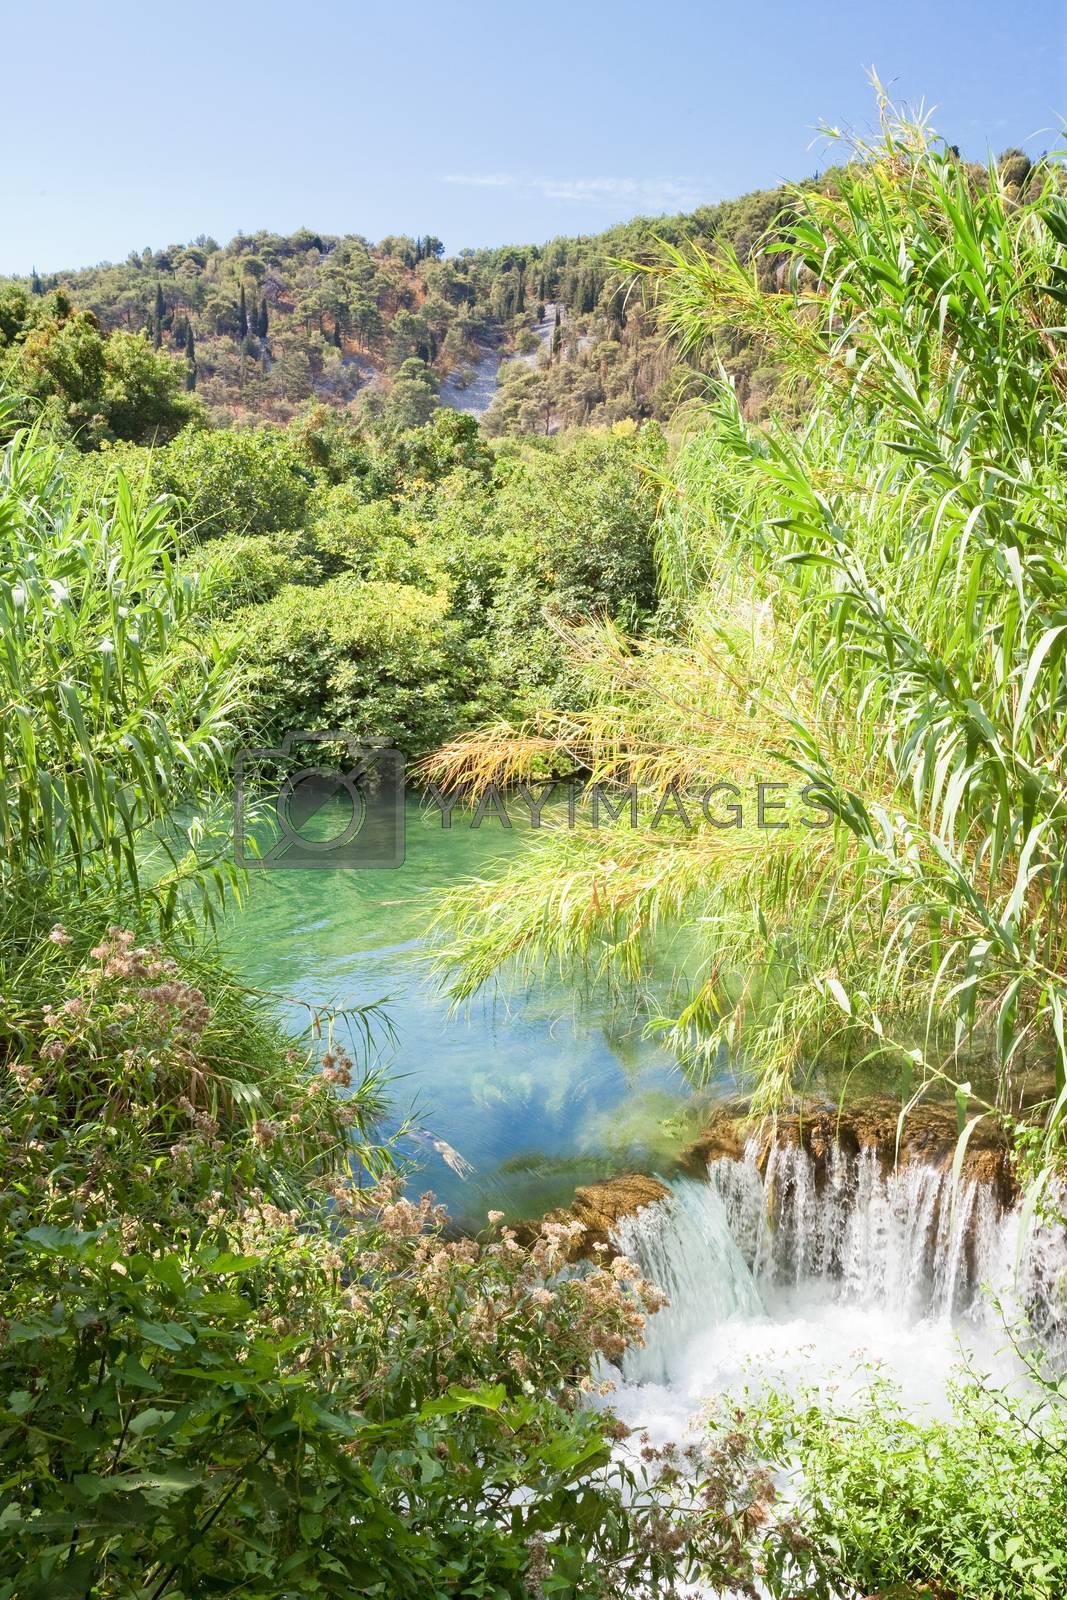 Krka, Sibenik, Croatia, Europe - Water reed at a small downfall within Krka National Park